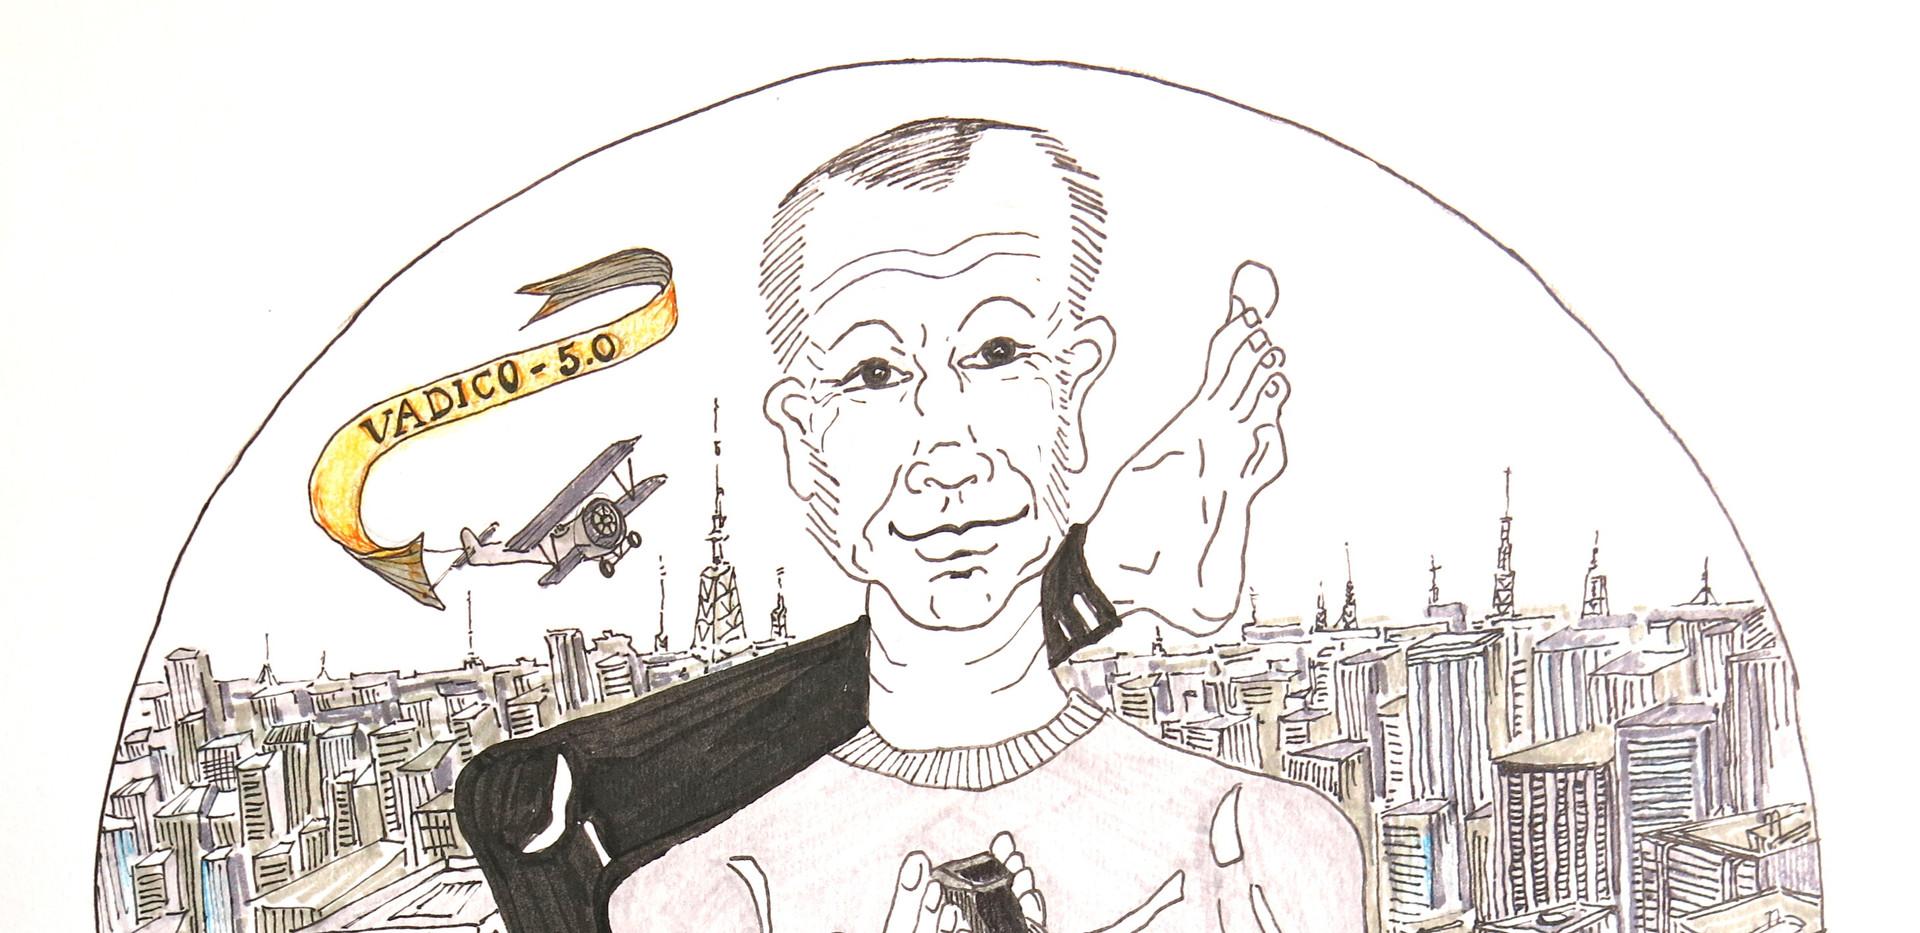 Caricatura - Vadico 5.0